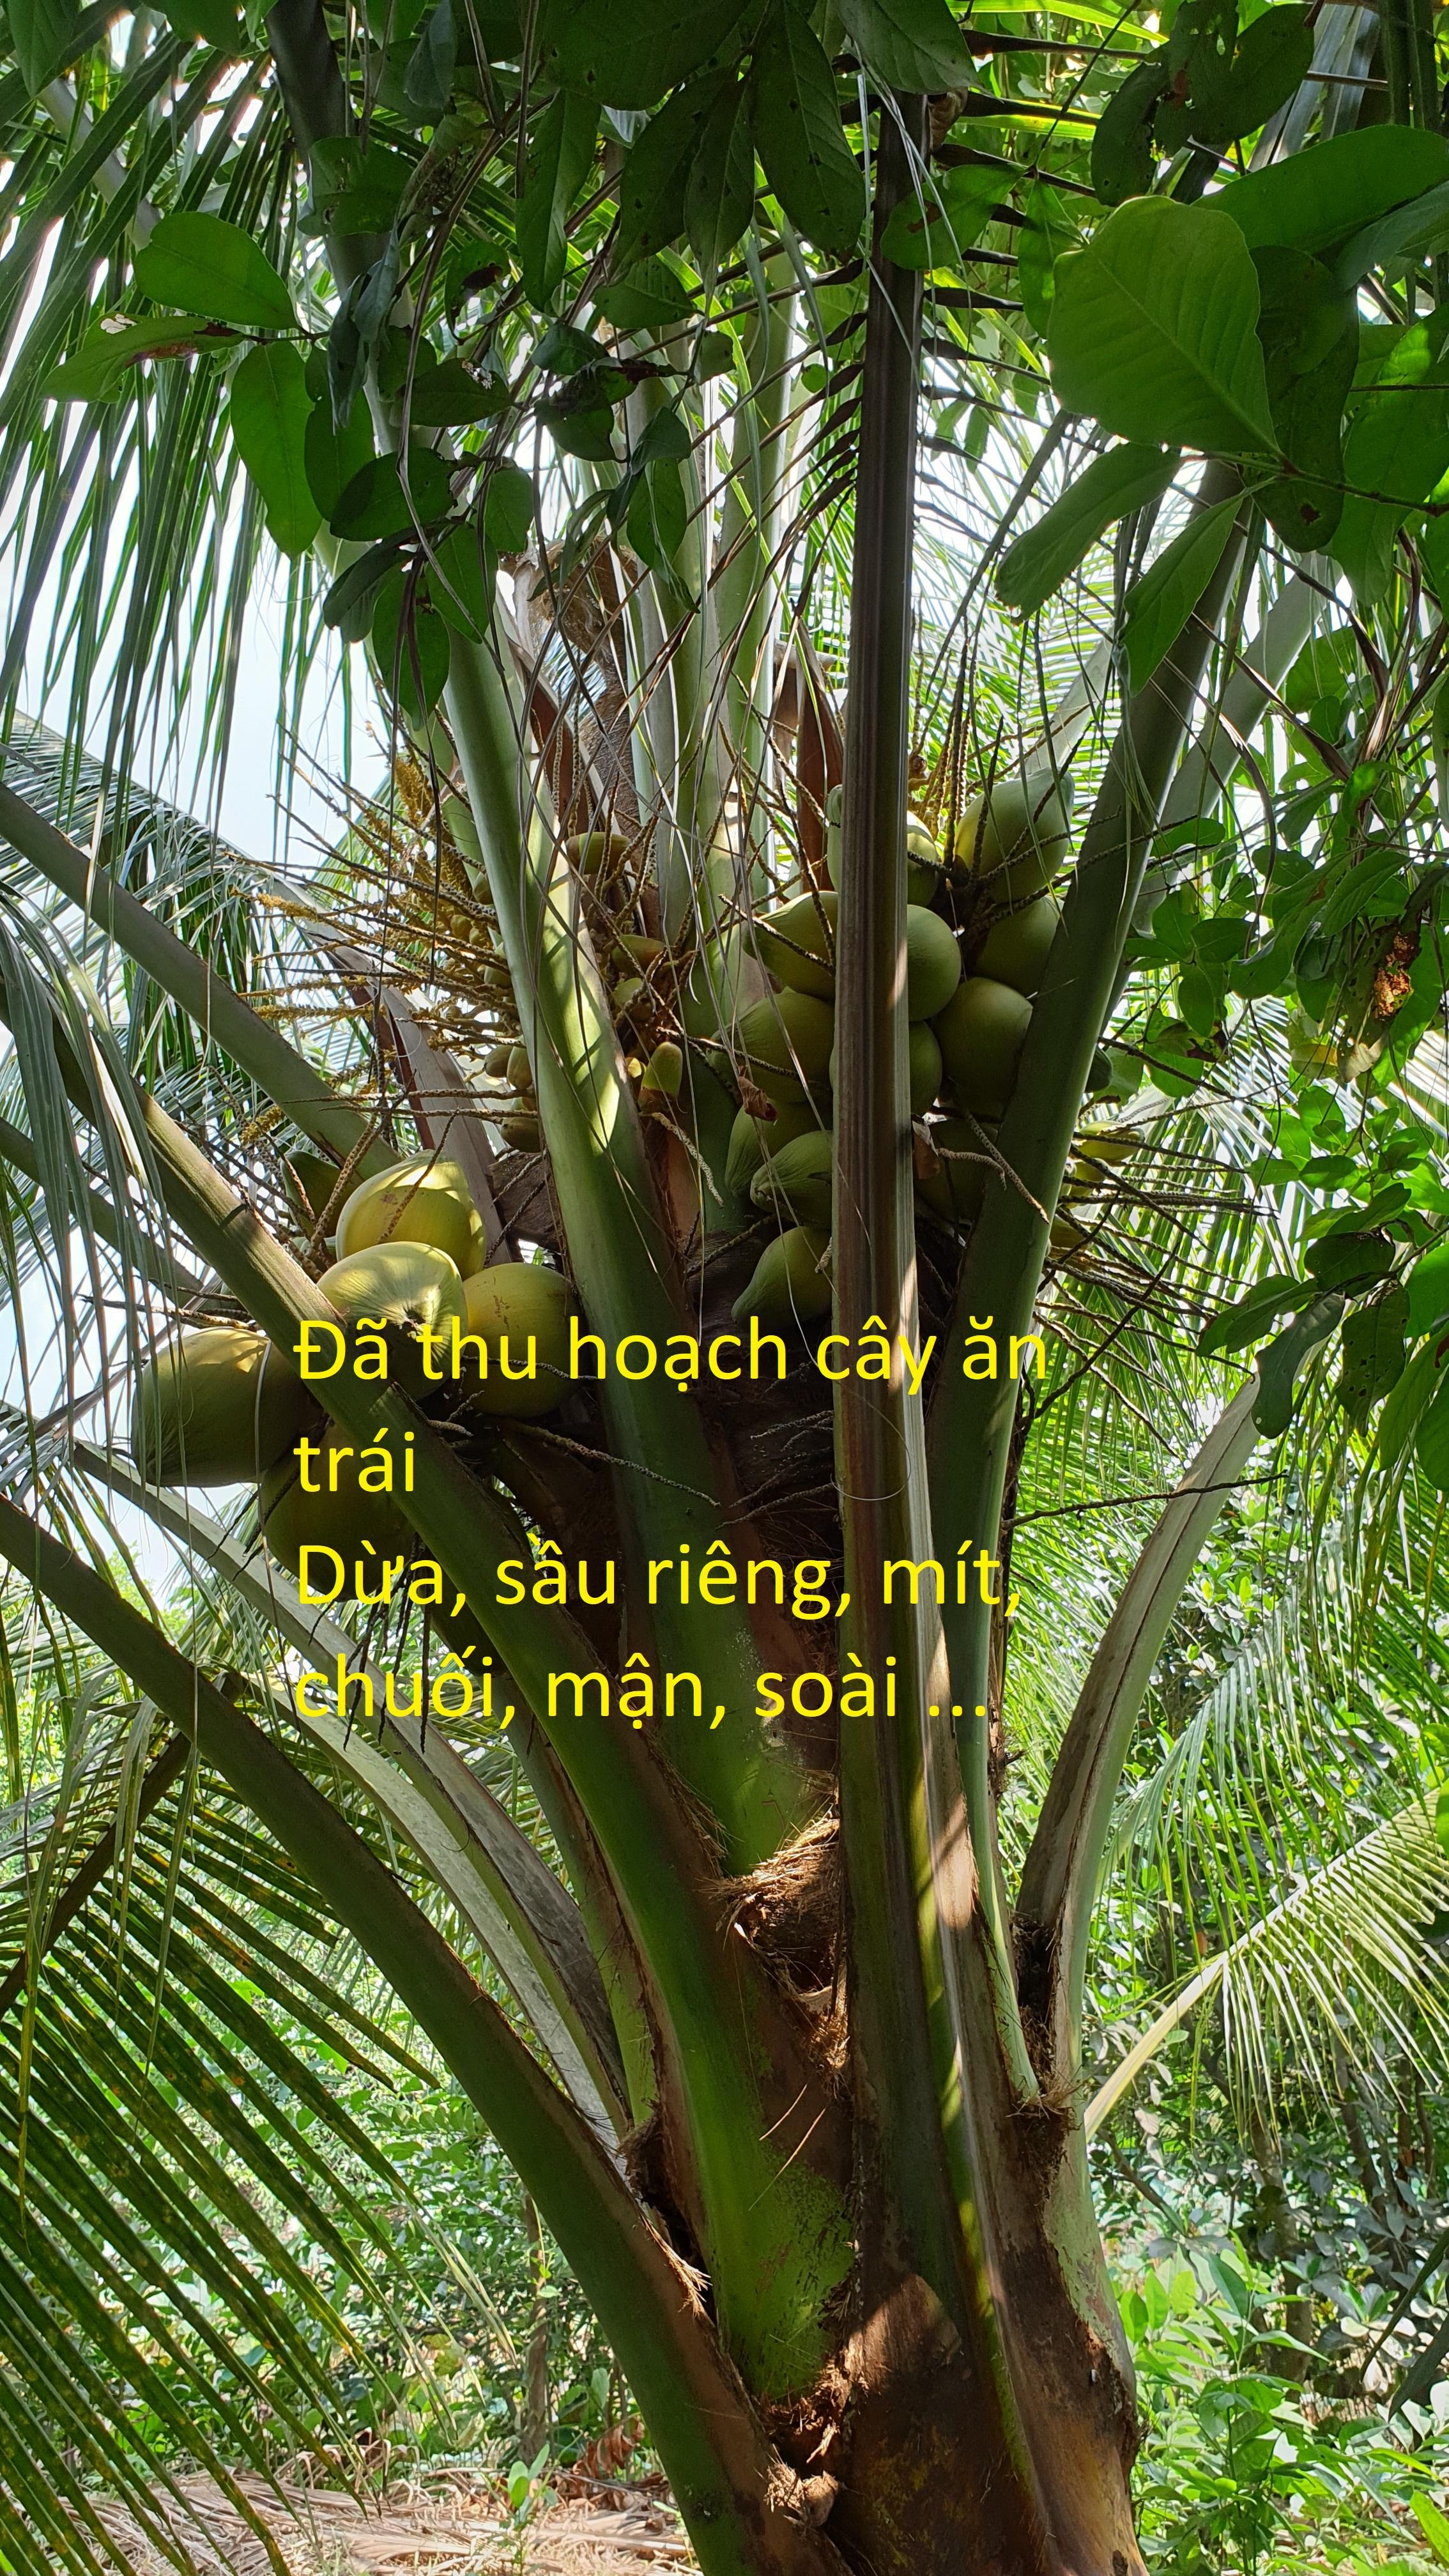 (CHÍNH CHỦ) Bán đất Thổ cư lô góc mặt tiền đường Võ Văn Bích và hẻm ven sông 190 Võ Văn Bích, Củ Chi